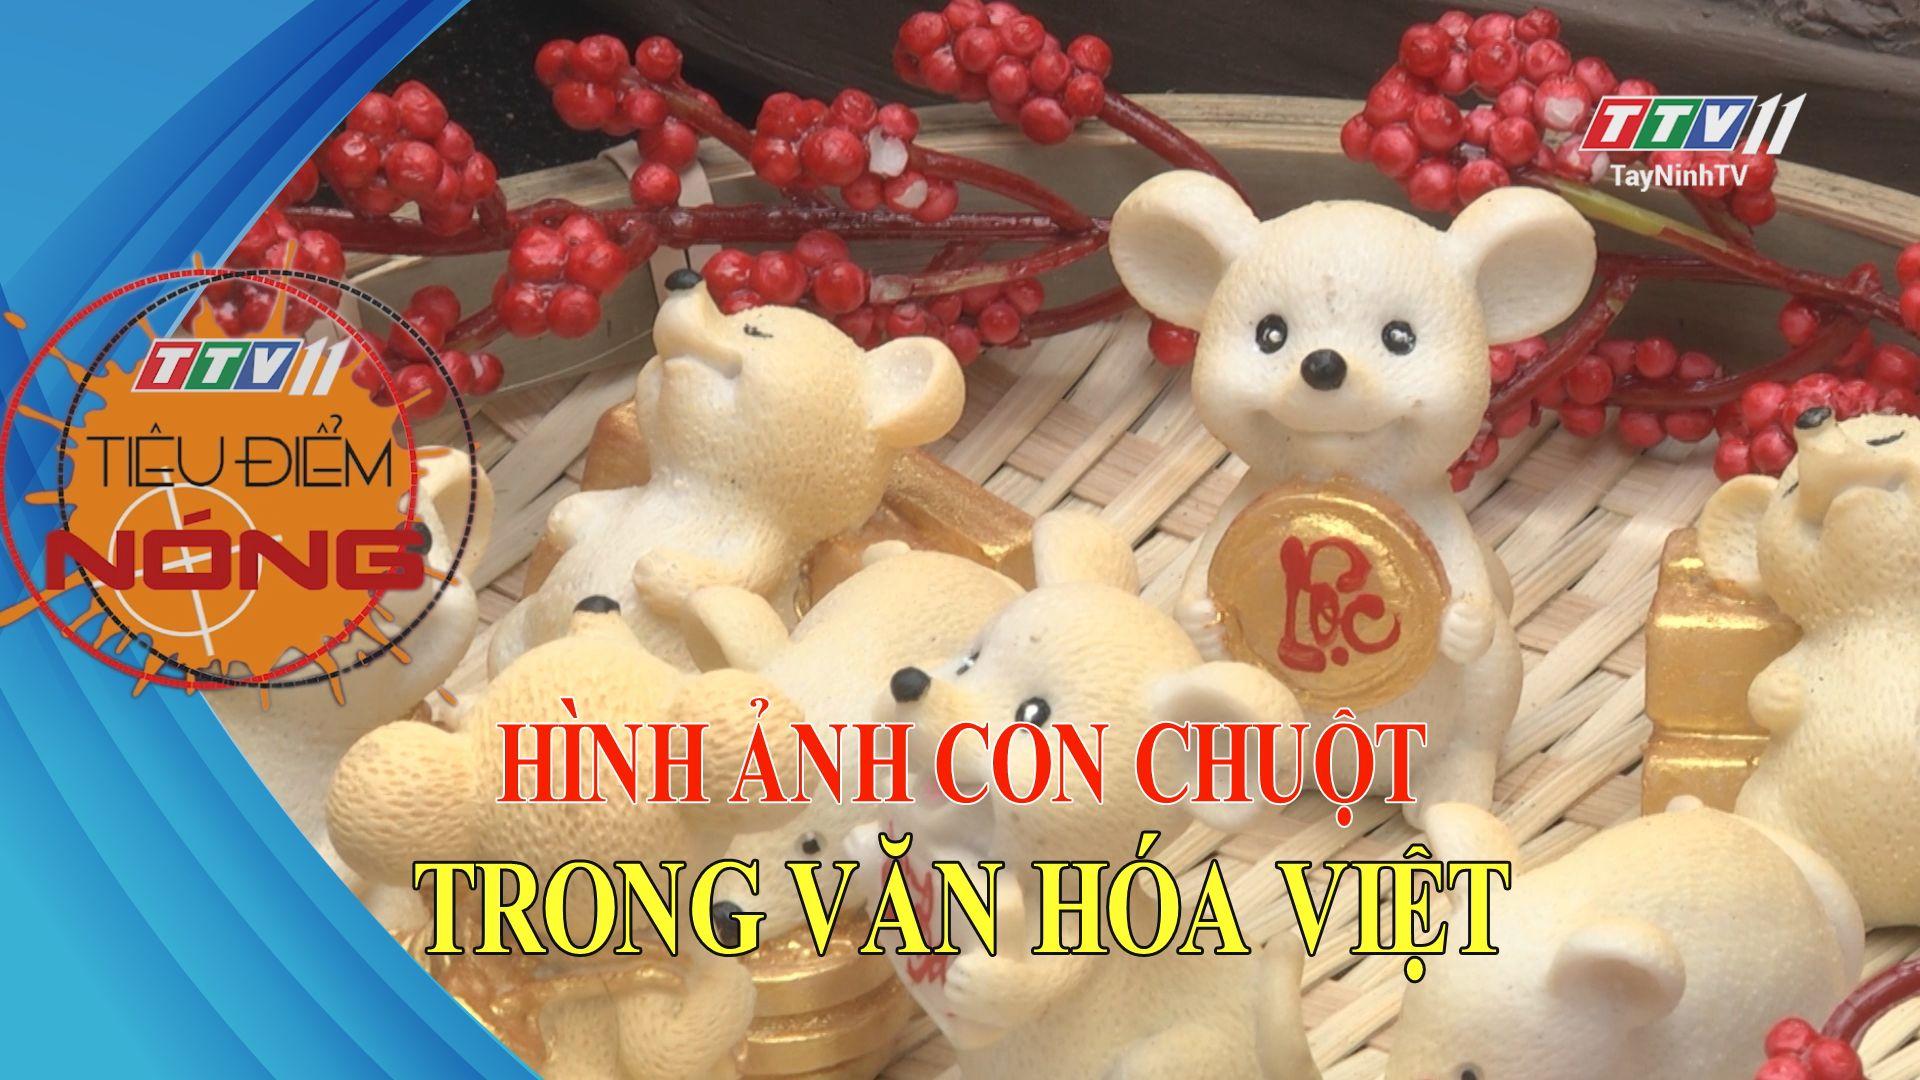 Hình ảnh con chuột trong văn hóa Việt | TIÊU ĐIỂM NÓNG | TayNinhTV